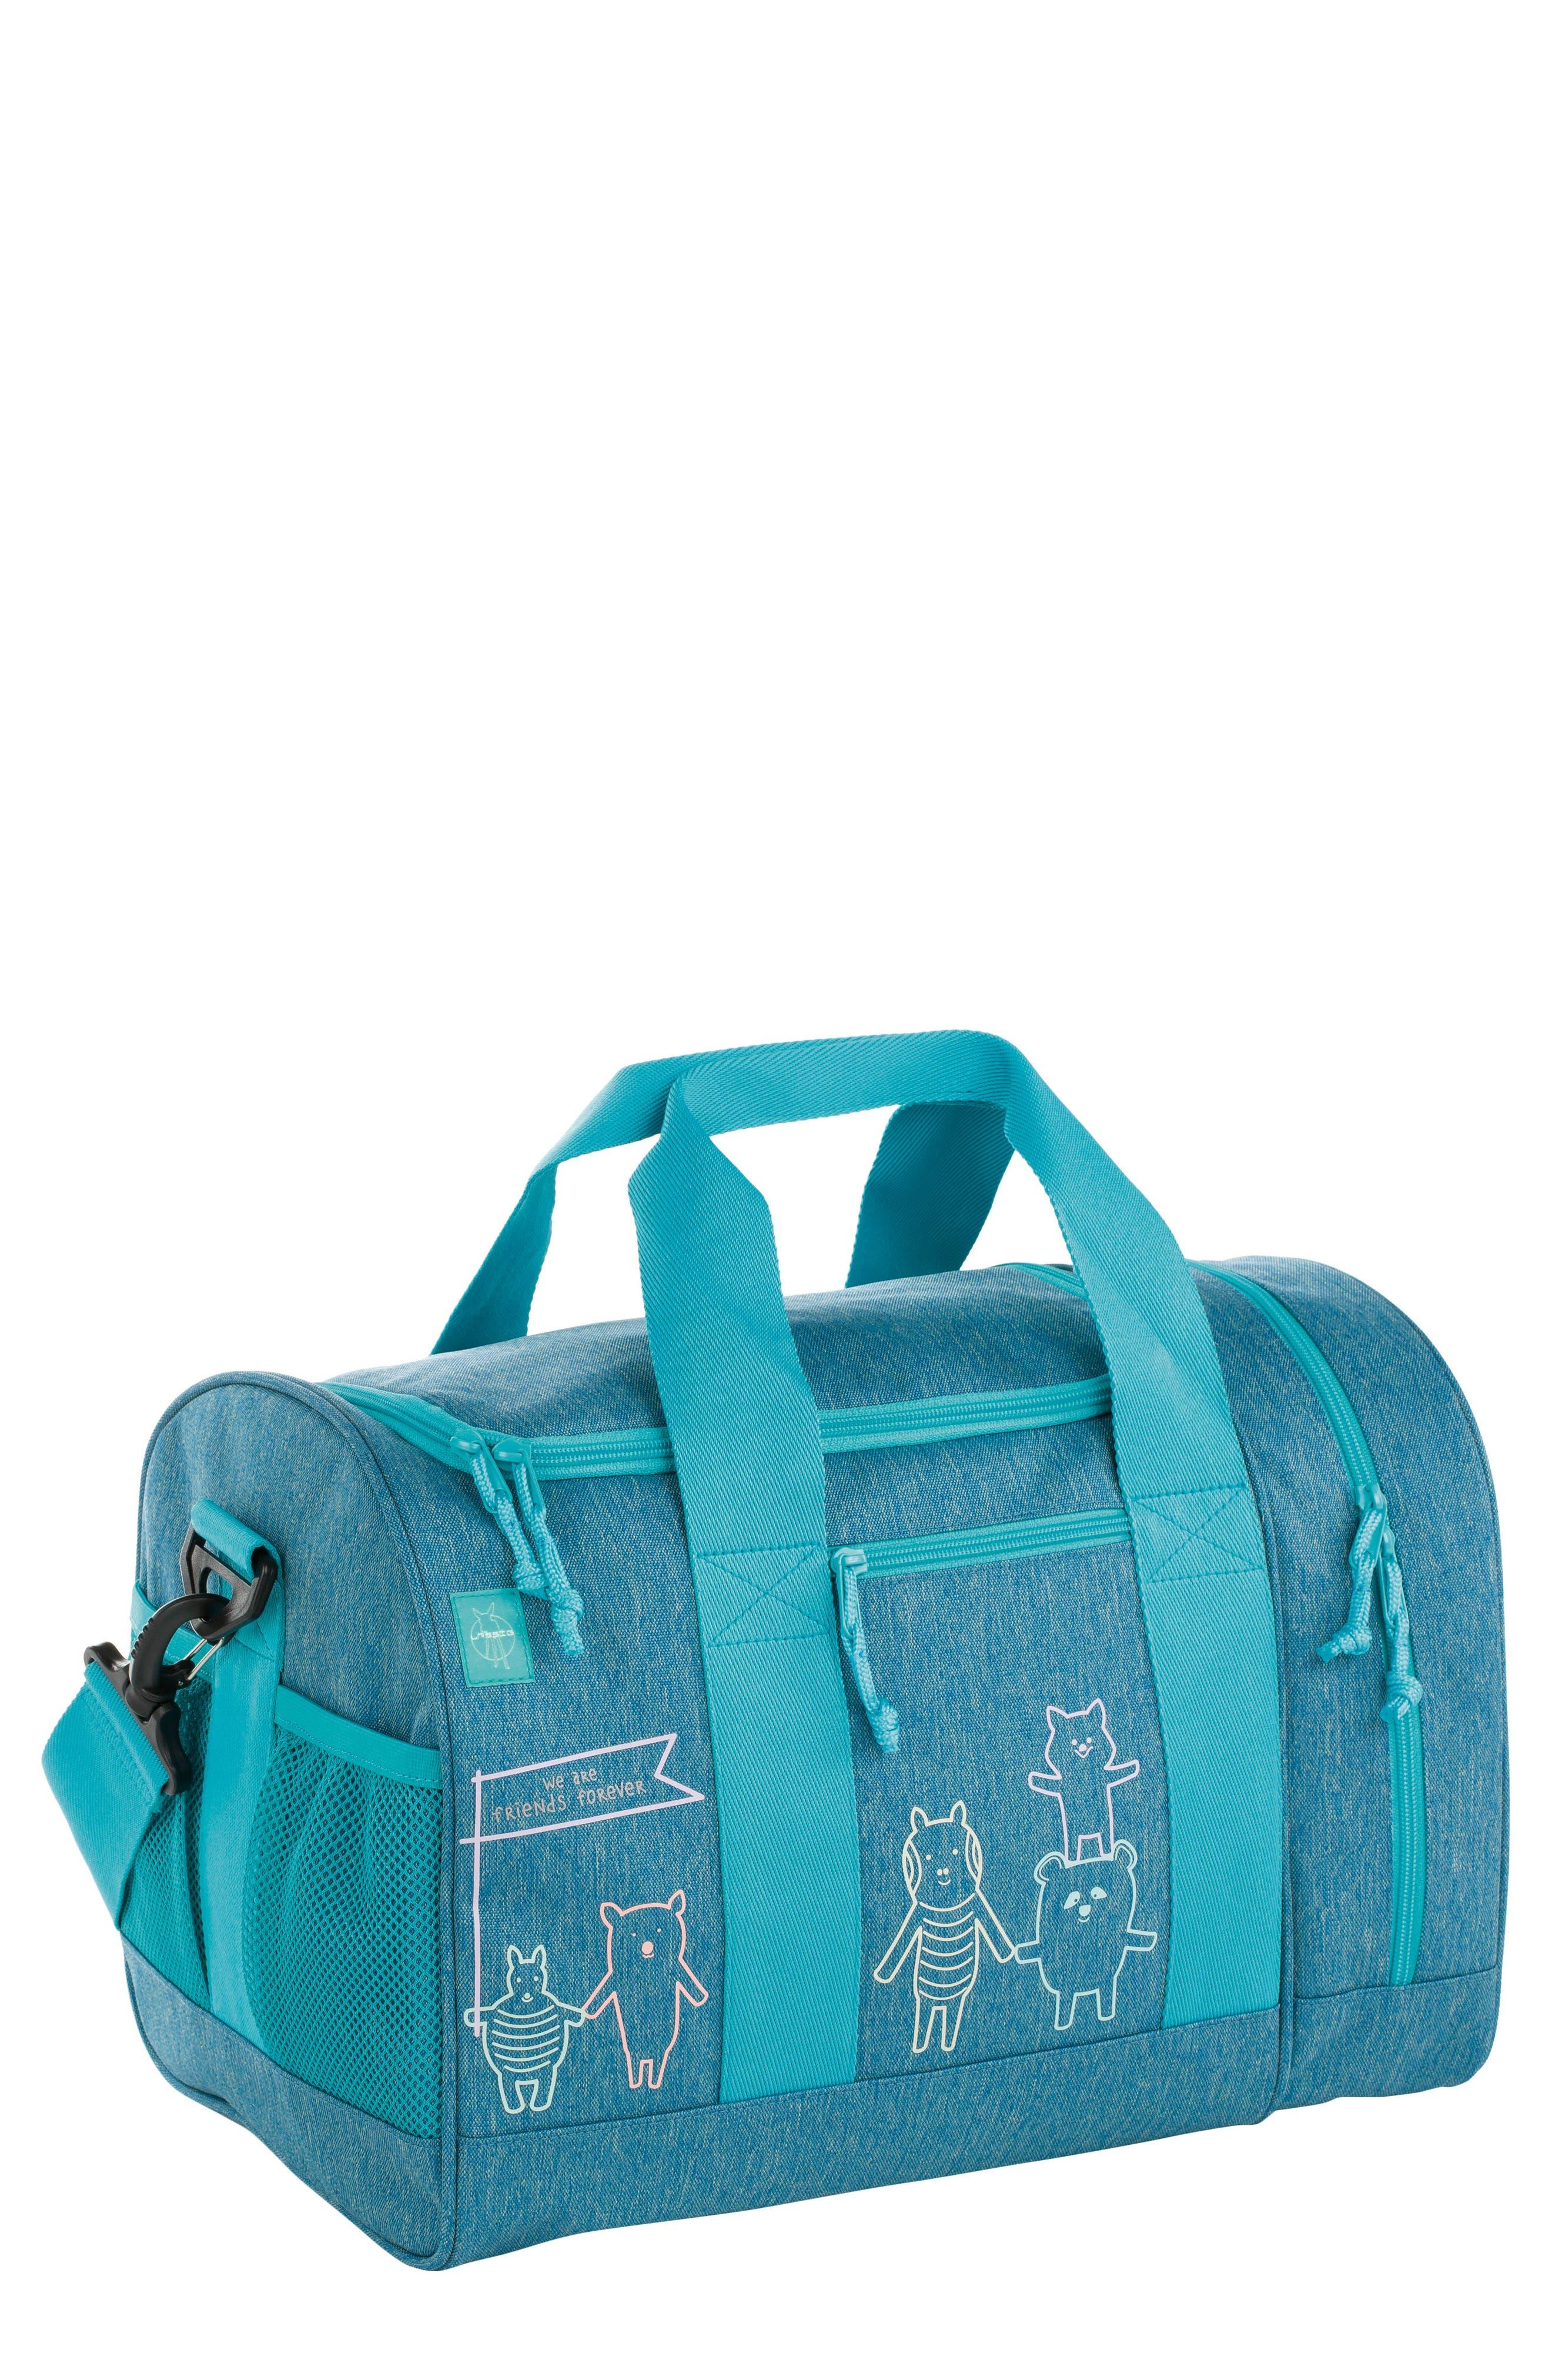 Mini About Friends Duffel Bag,                             Main thumbnail 1, color,                             MELANGE BLUE